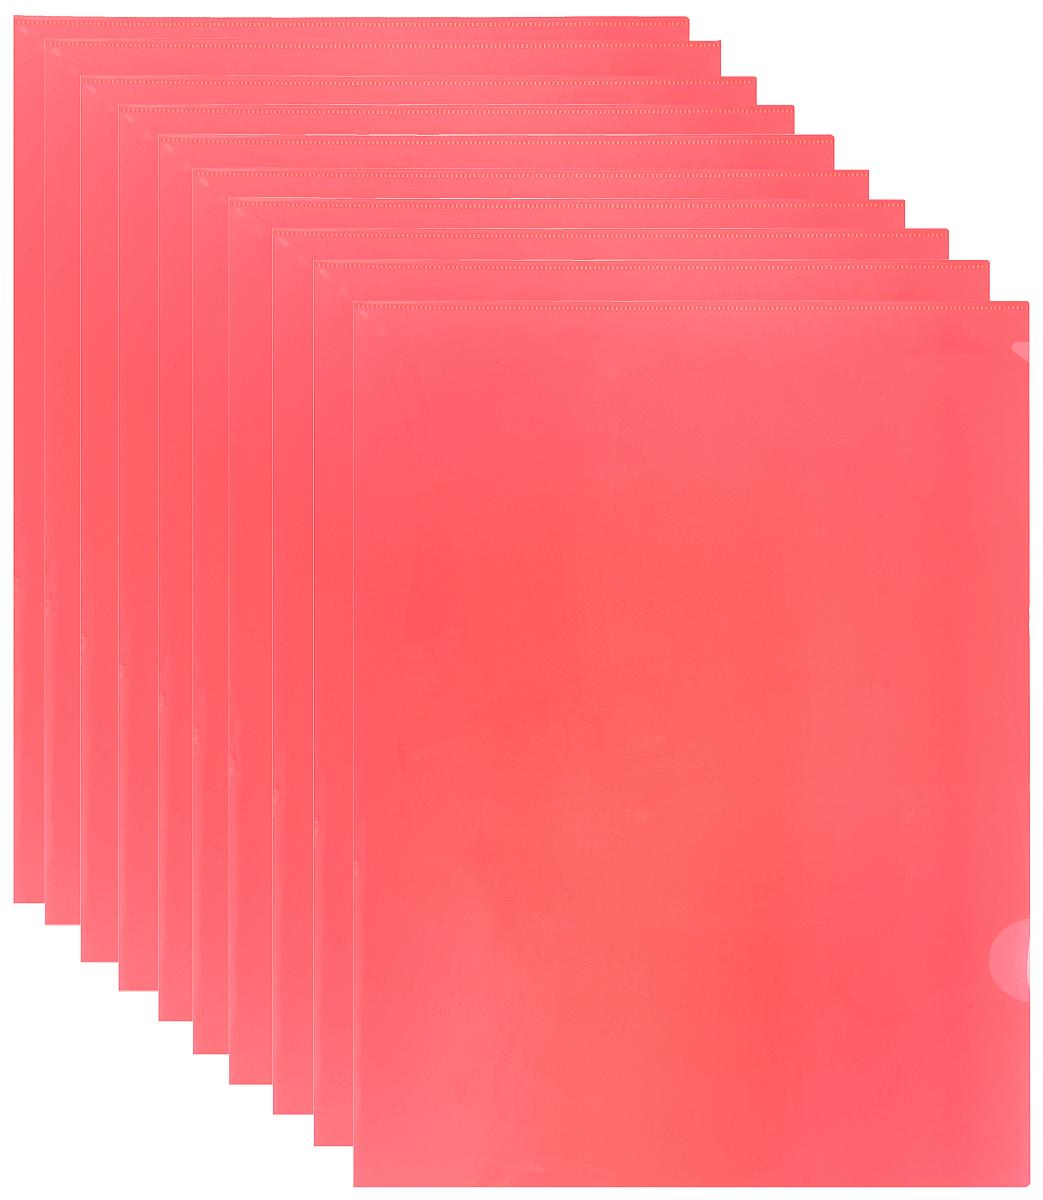 Durable Папка-уголок цвет красный 10 шт11227022Папка-уголок Durable выполнена из высококачественного полипропилена.Специальная удобная выемка для перелистывания листов облегчает работу с документами. Плотность 180 микрон.Папка-уголок - это незаменимый атрибут для студента, школьника, офисного работника. Такая папка надежно сохранит любые бумаги и сбережет их от повреждений, пыли и влаги.В наборе 10 глянцевых папок красного цвета.